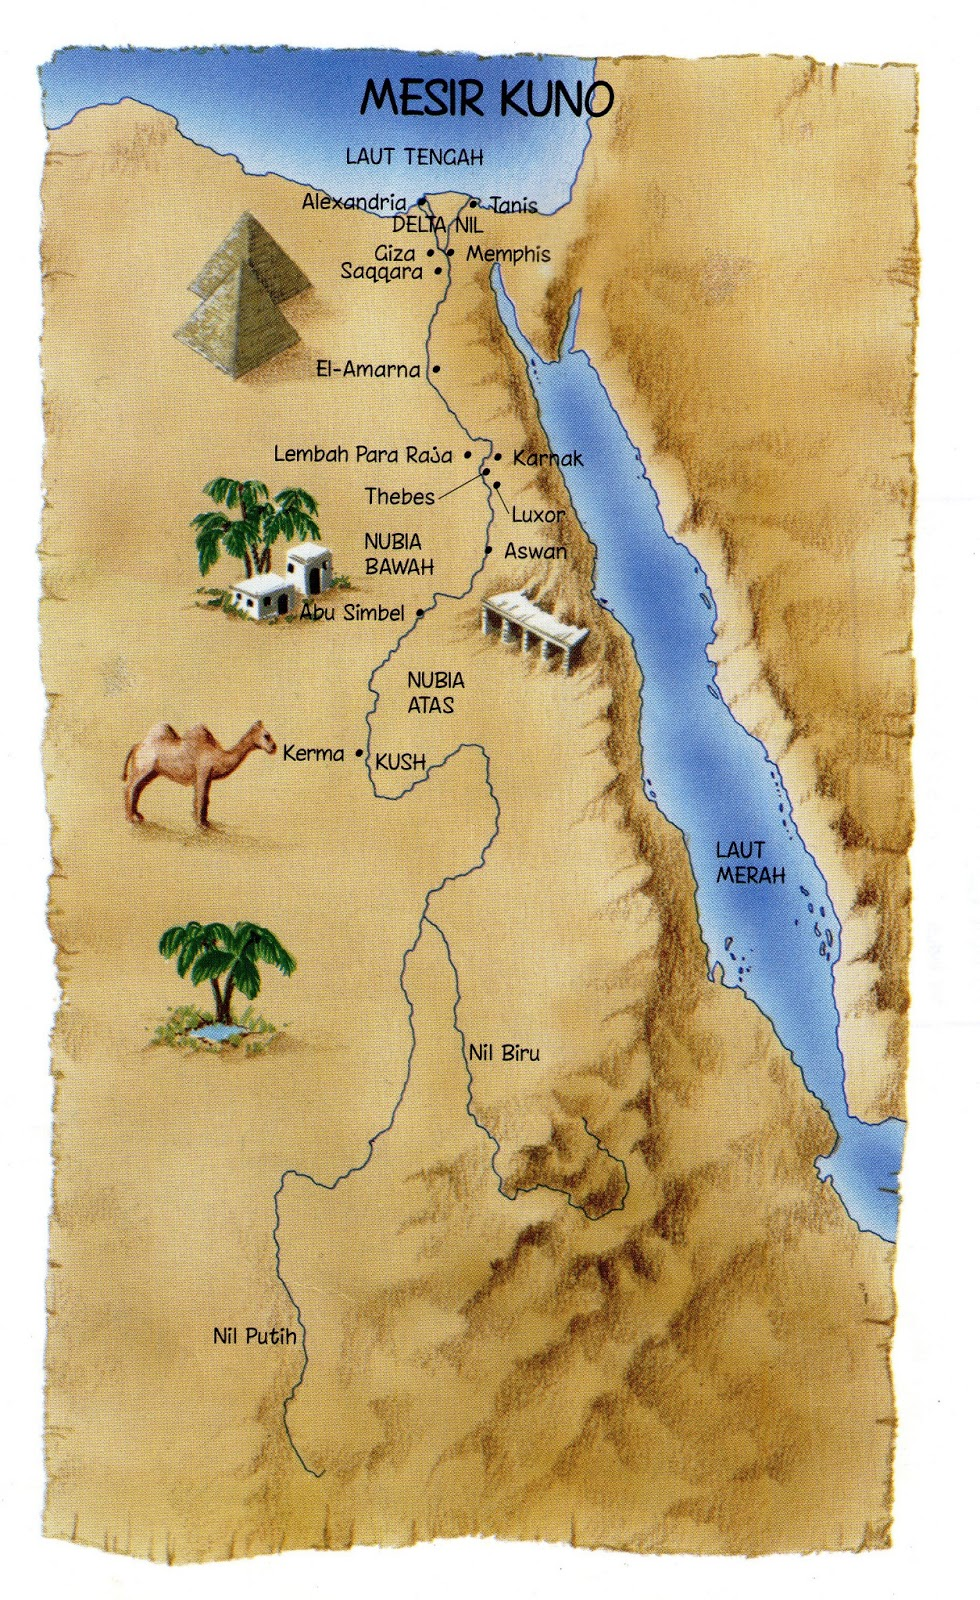 SULIT DIPERCAYA!!!!! (Mesir Kuno)